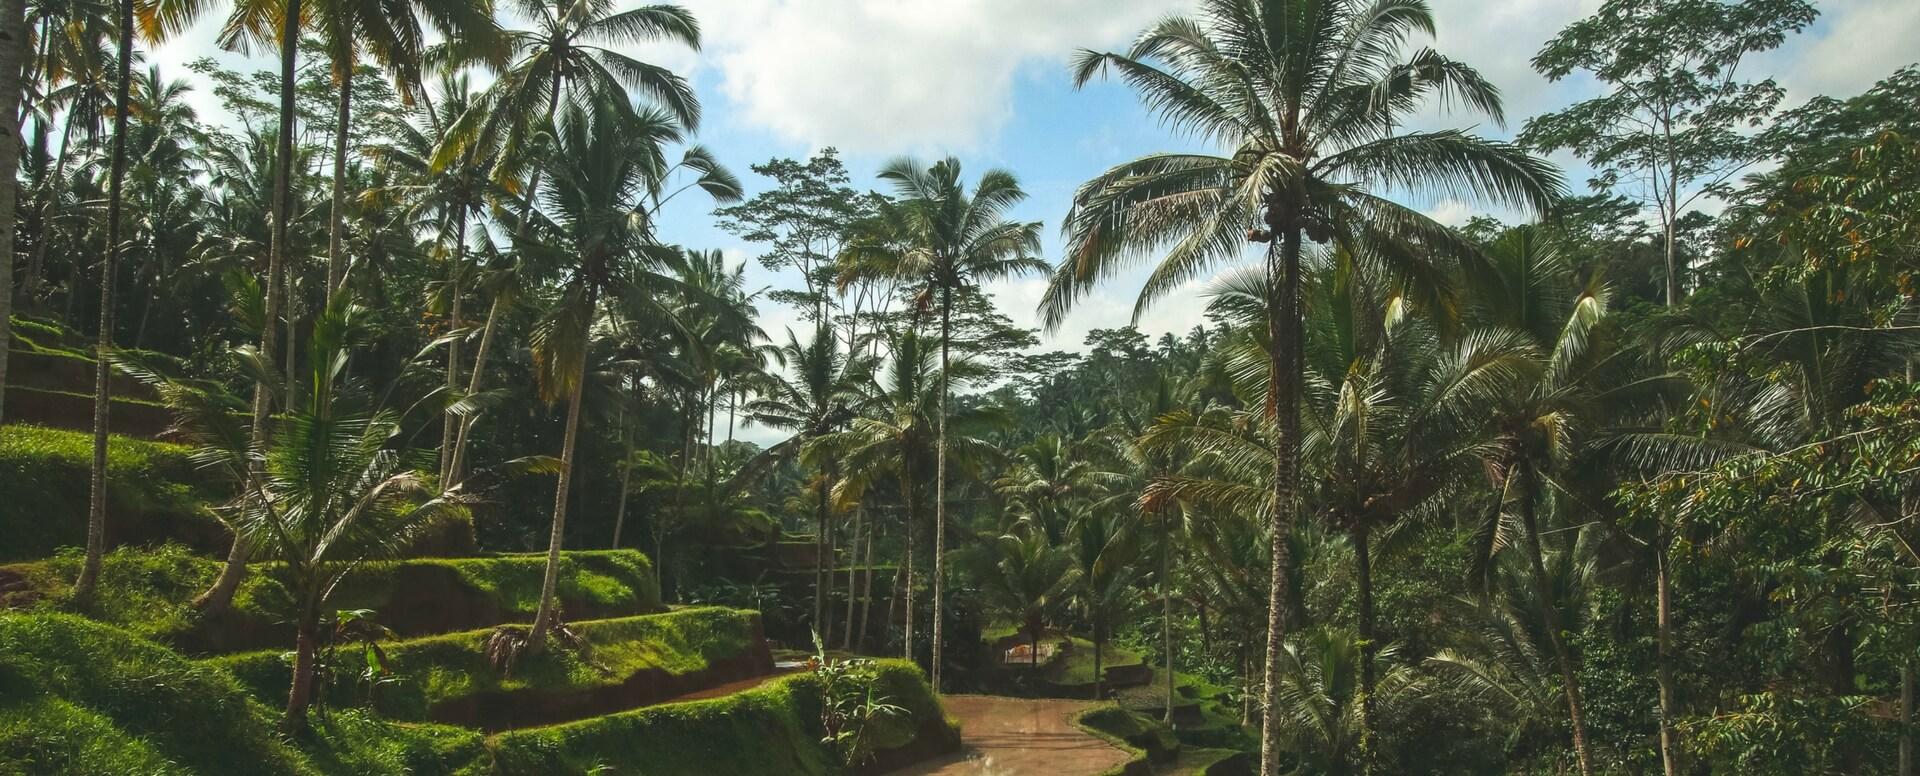 Que faire à Bali ? Idées d'activités - Bali